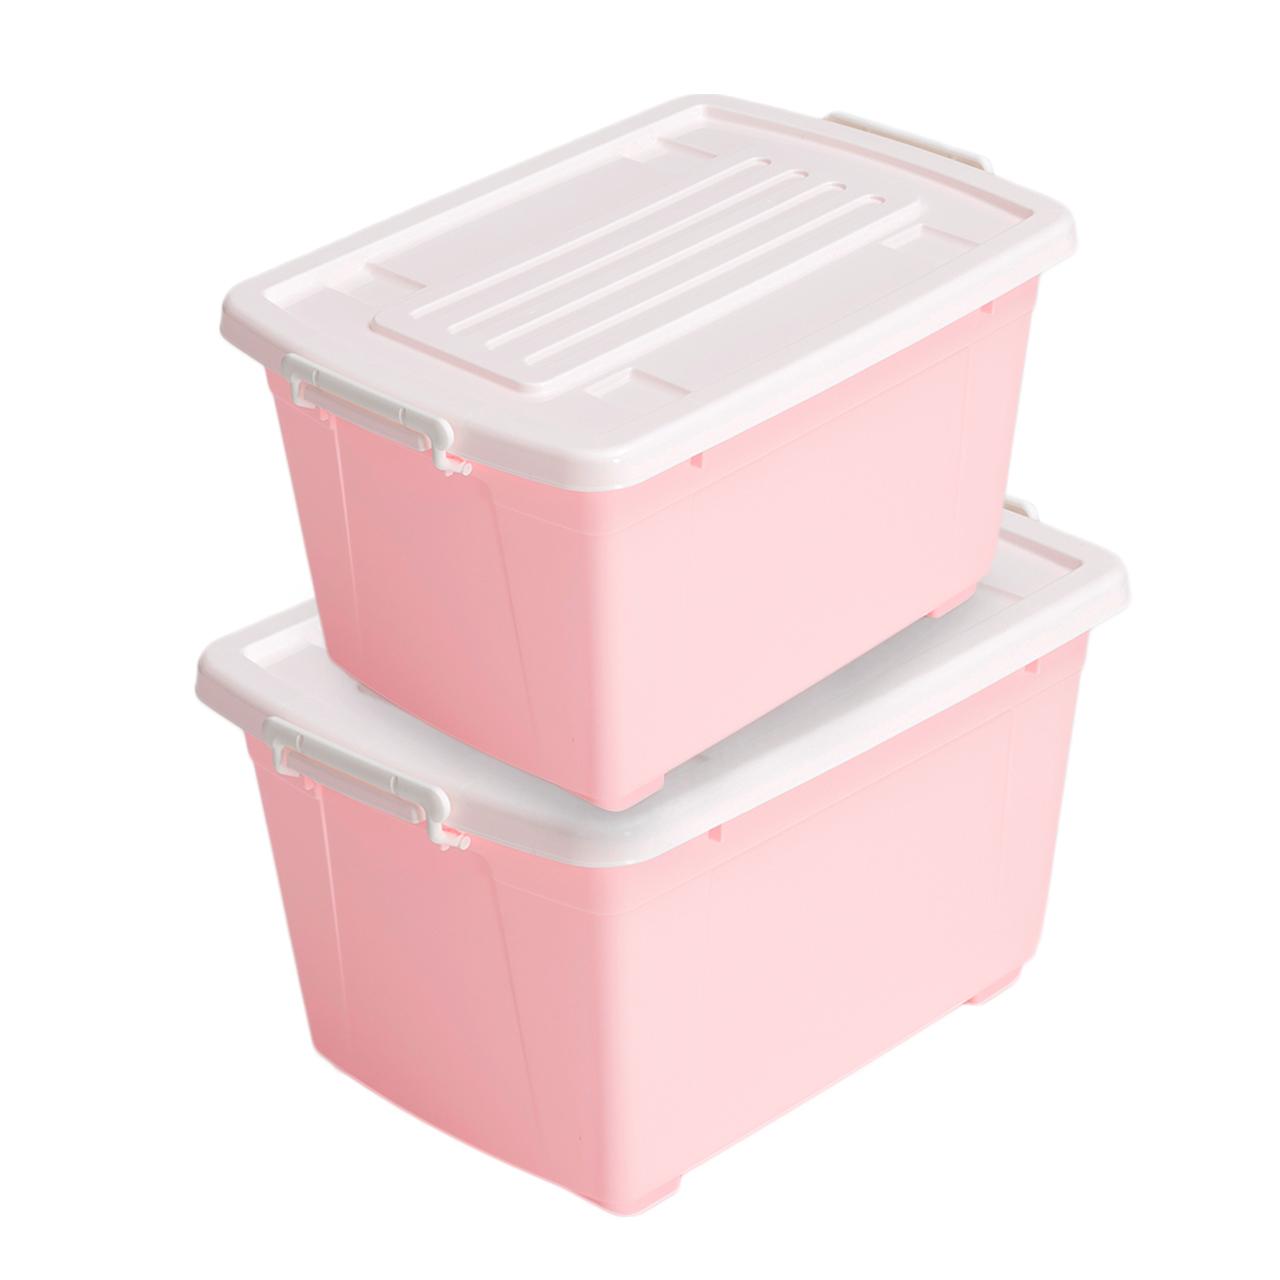 禧天龍58L 38L兩件裝樹脂衣物收納箱加厚玩具儲物箱滑輪